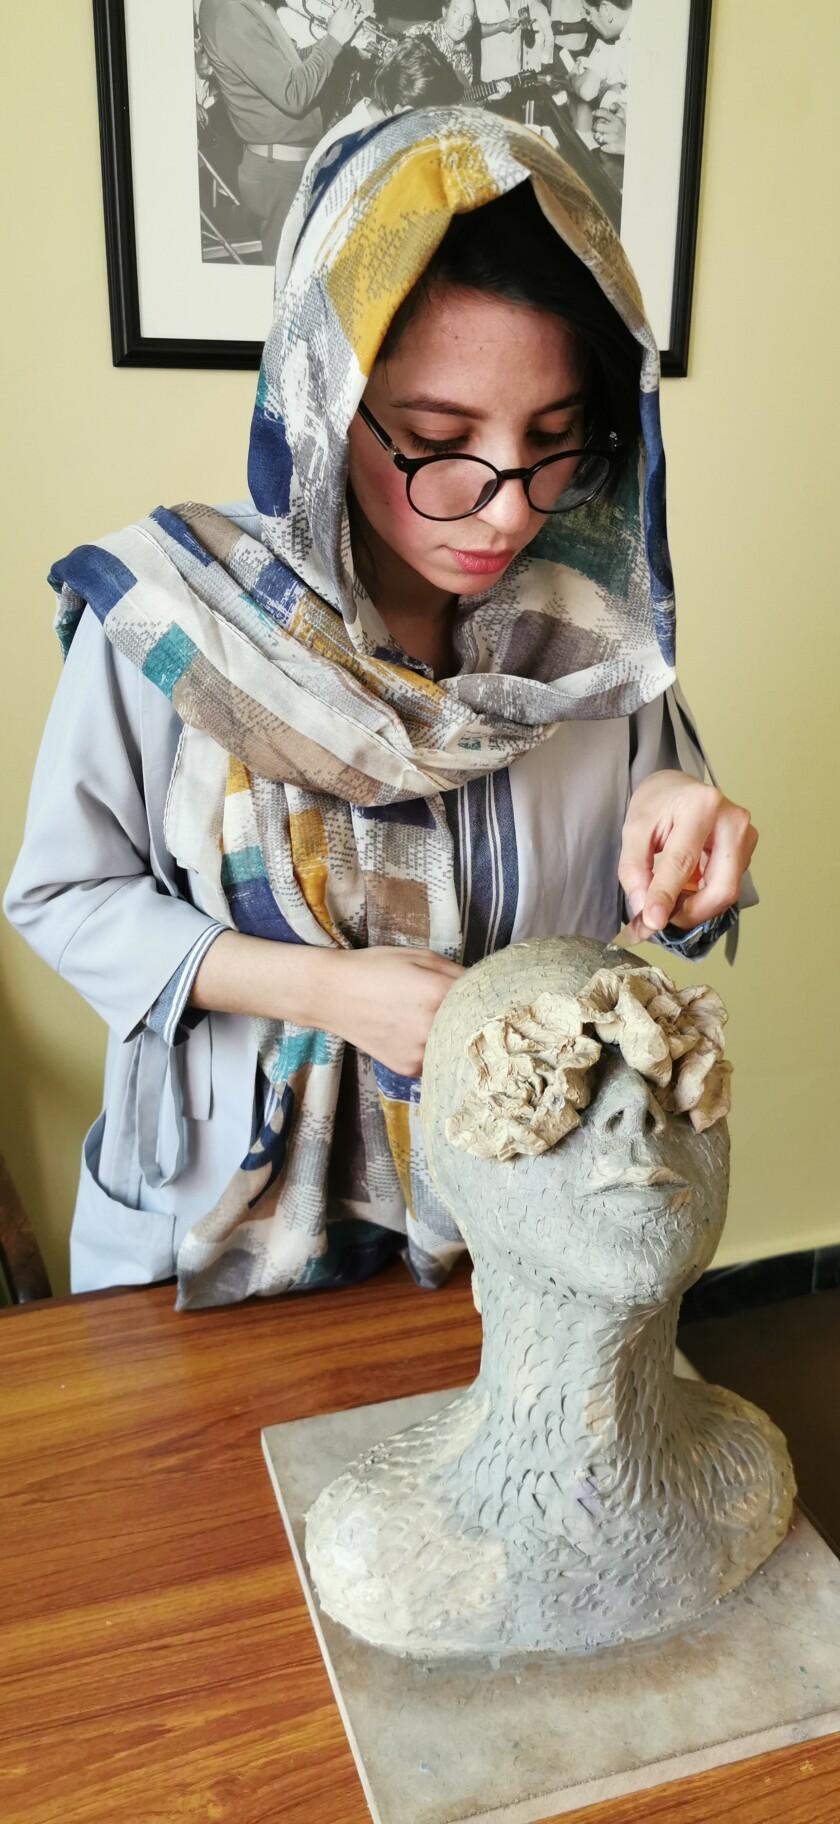 زنی با عینک و روسری با نیم نگاهی به نیم تنه مرد با چشمان بسته است